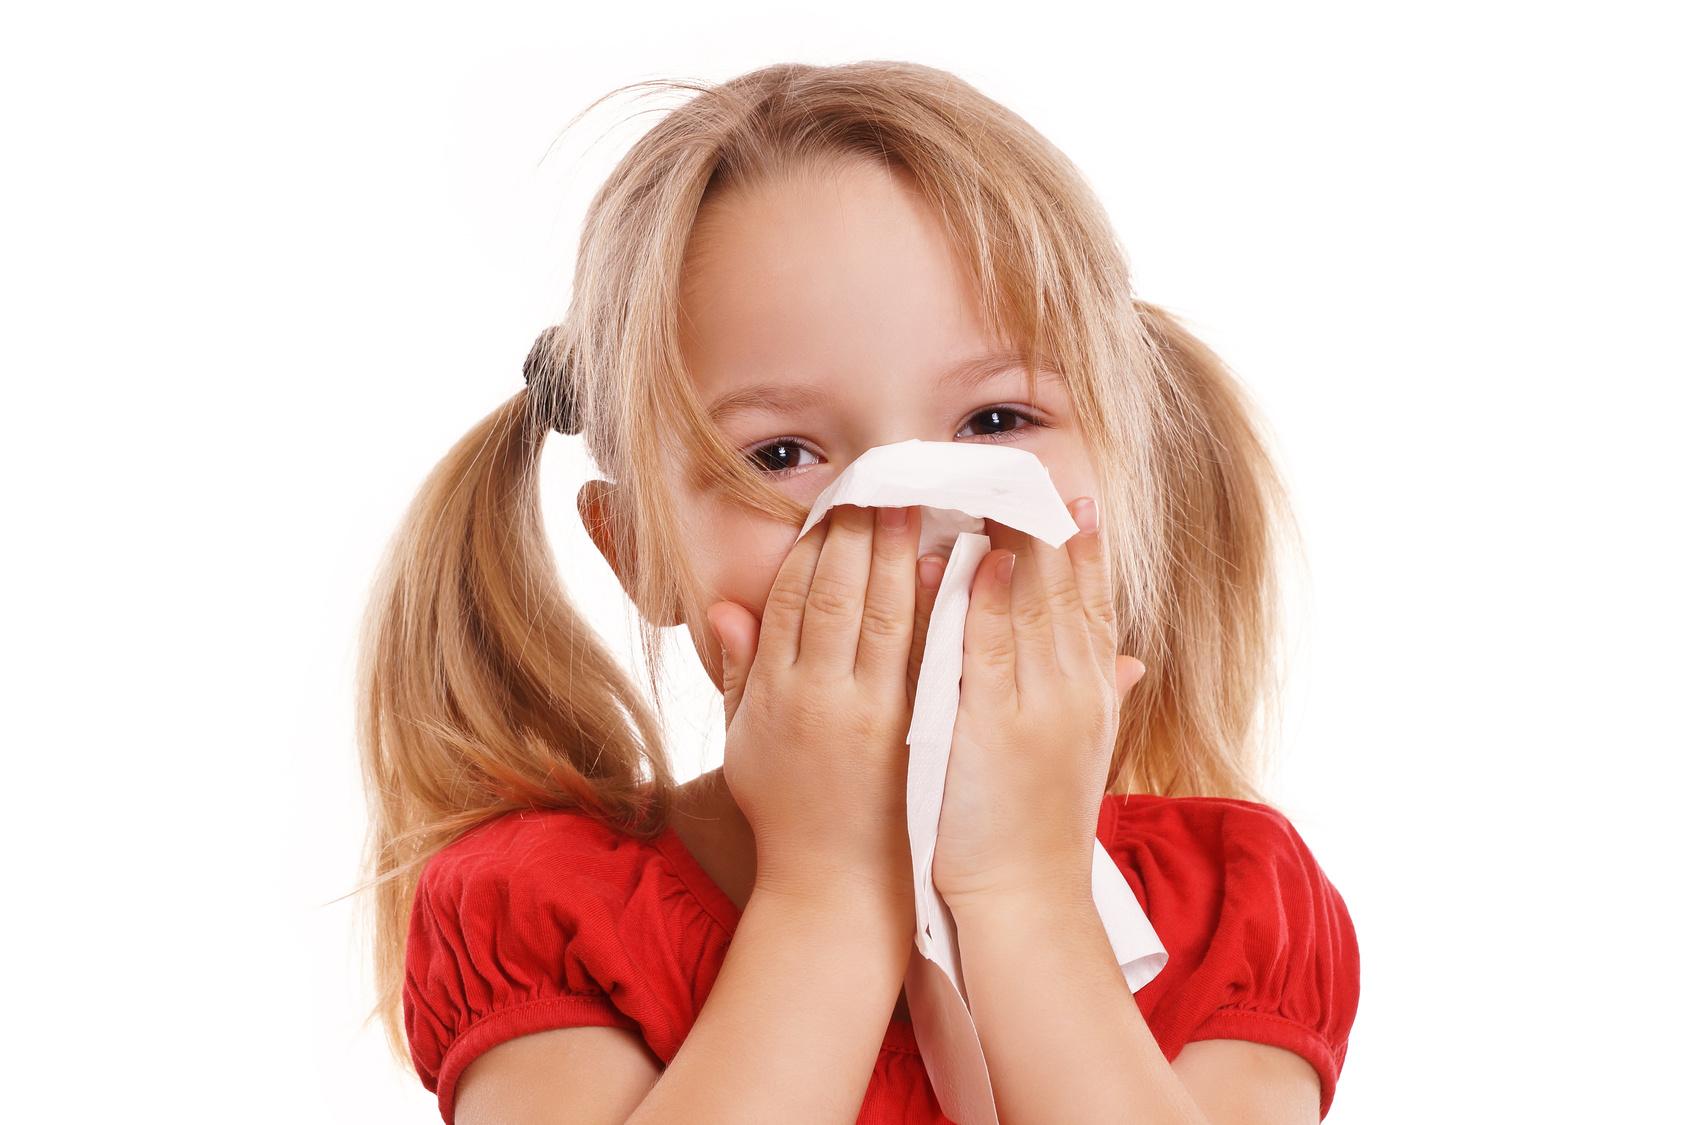 Kleines hbsches Mdchen putzt ihre Nase